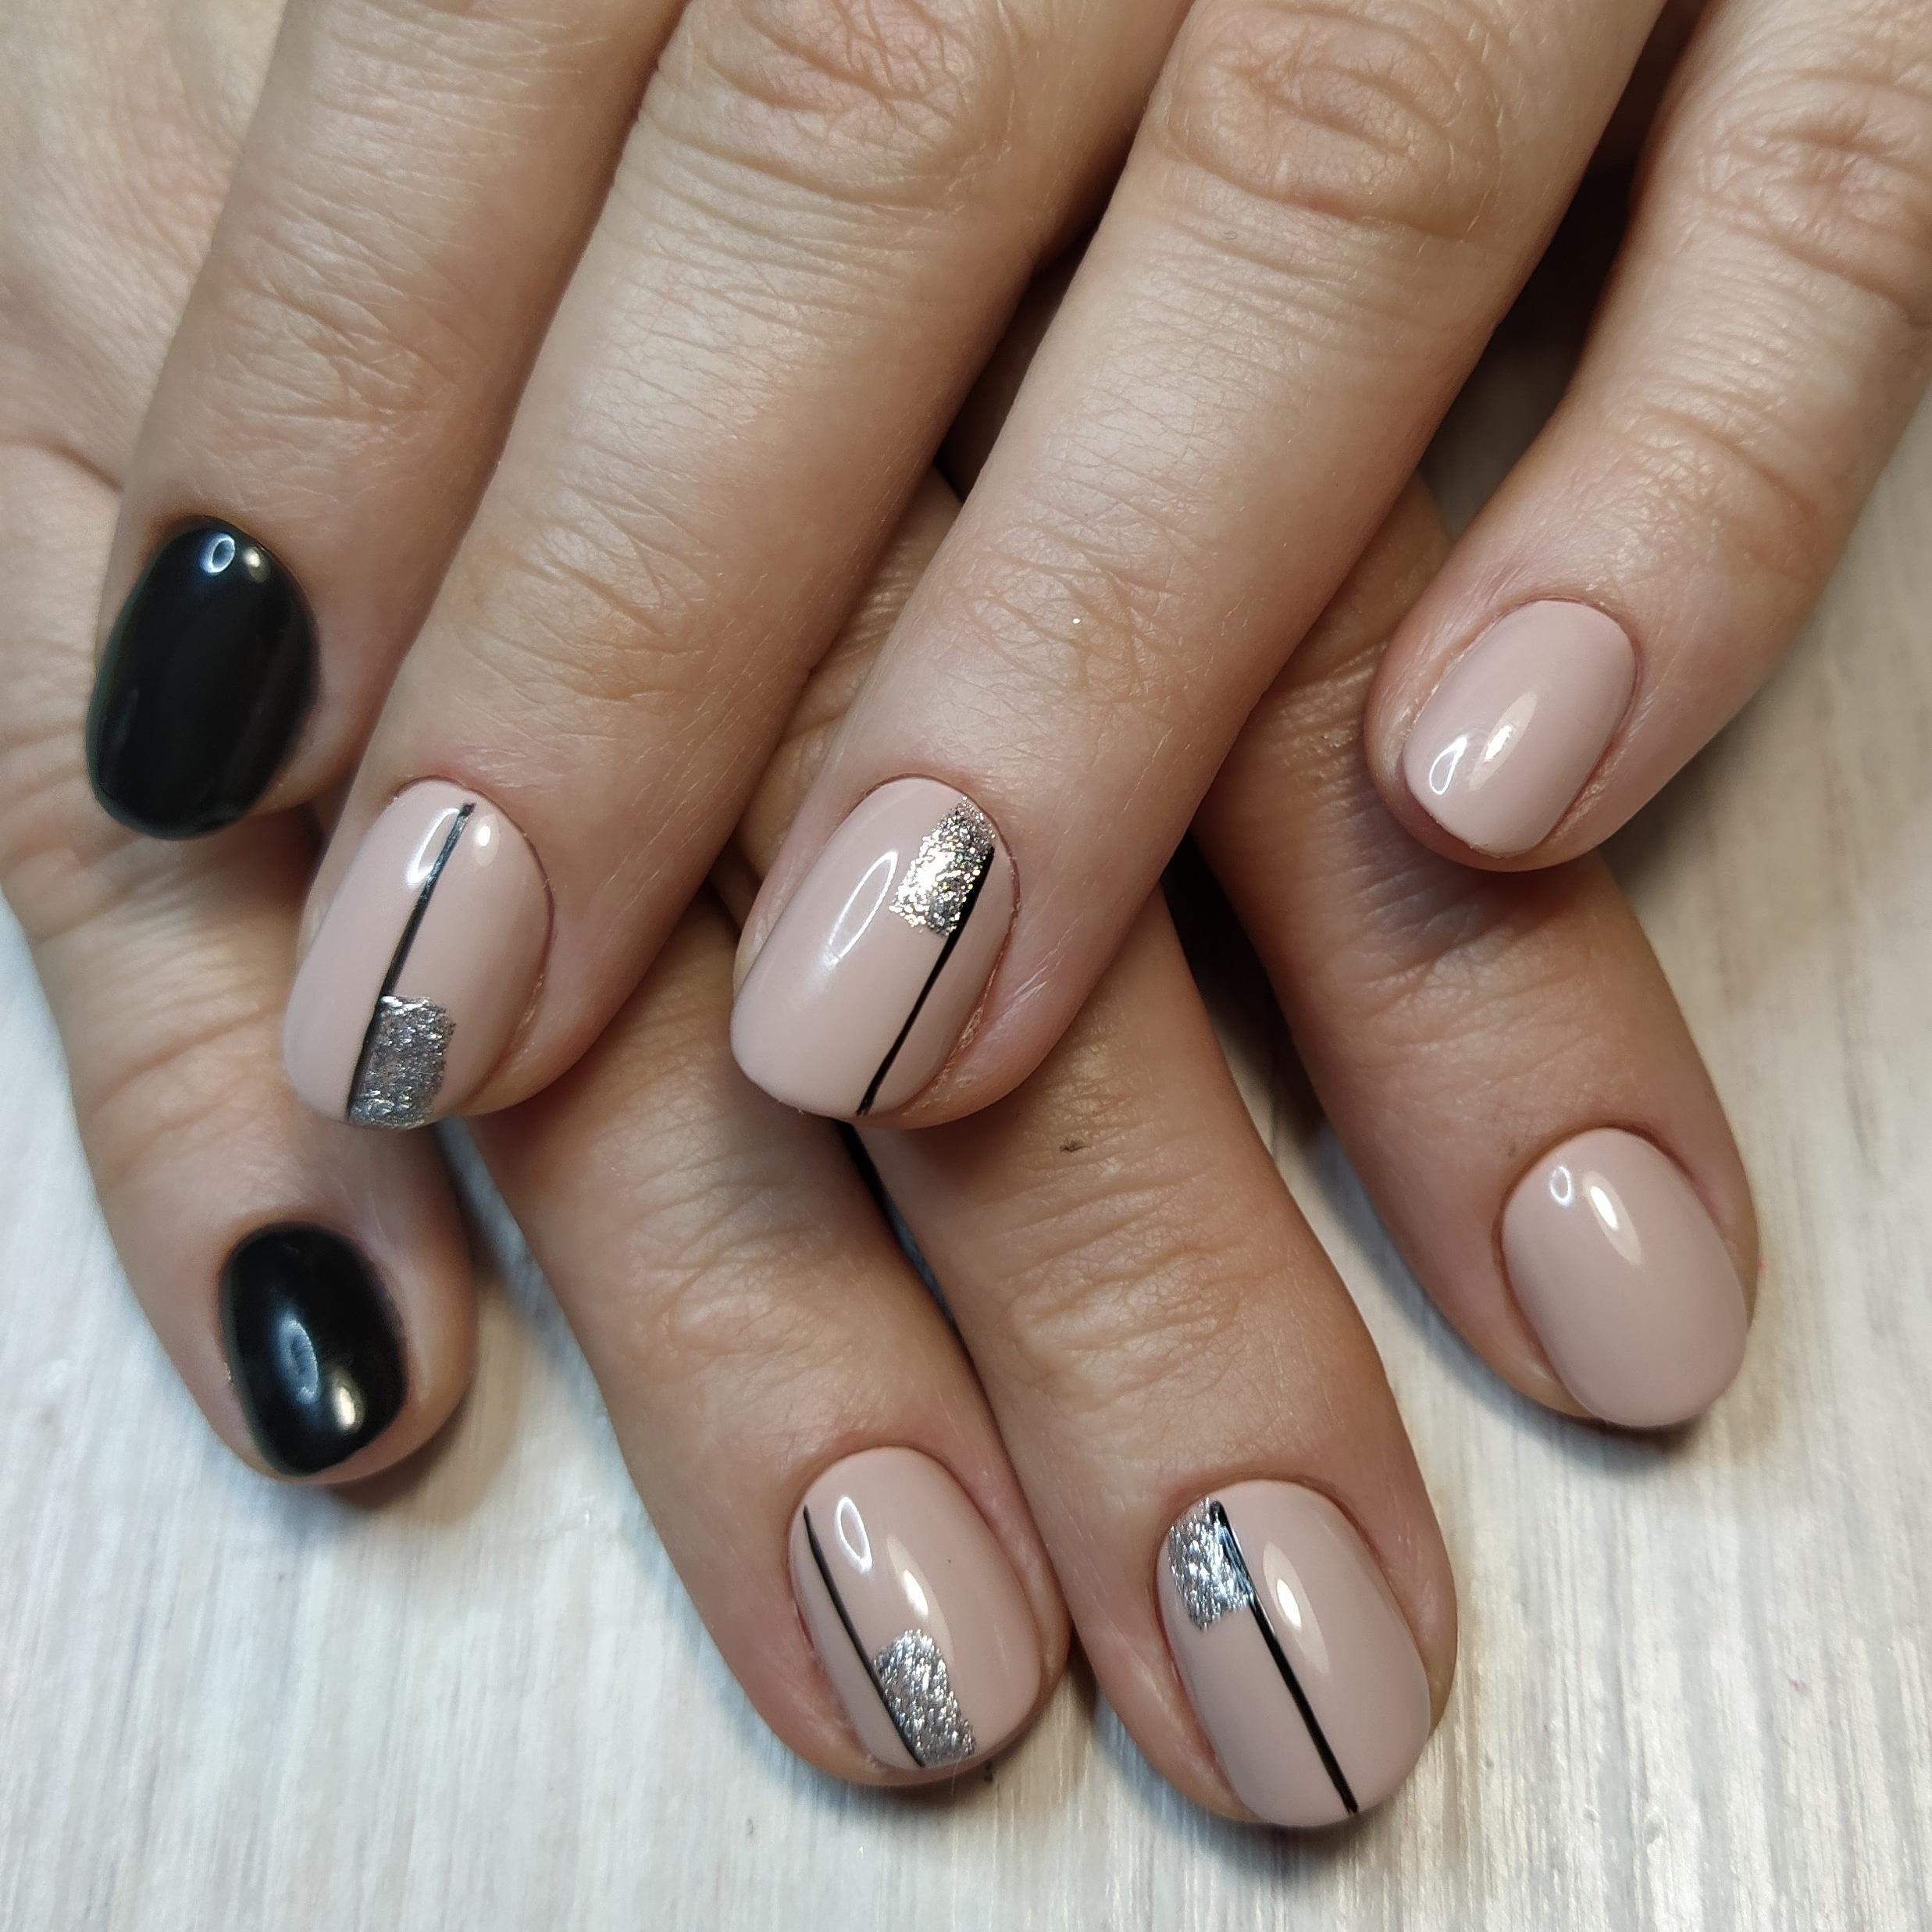 Геометрический маникюр с серебряными блестками в бежевом цветен а короткие ногти.